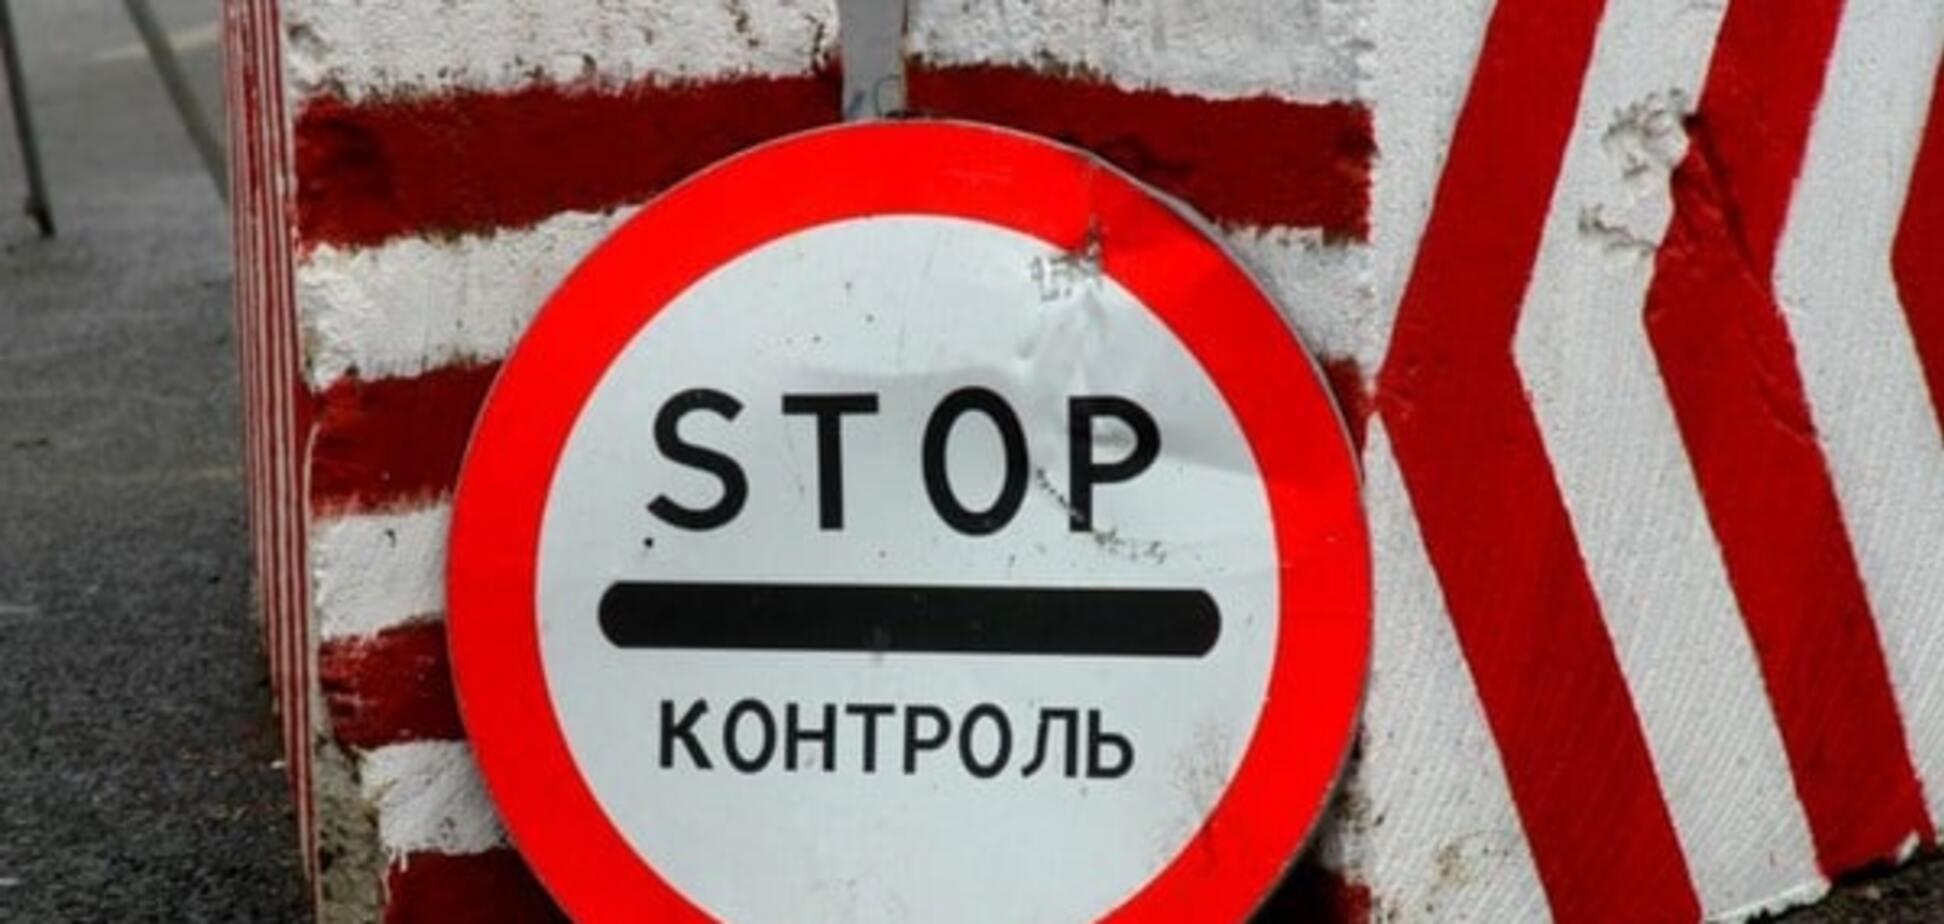 ФСБ сообщила о задержании двух украинцев в Крыму